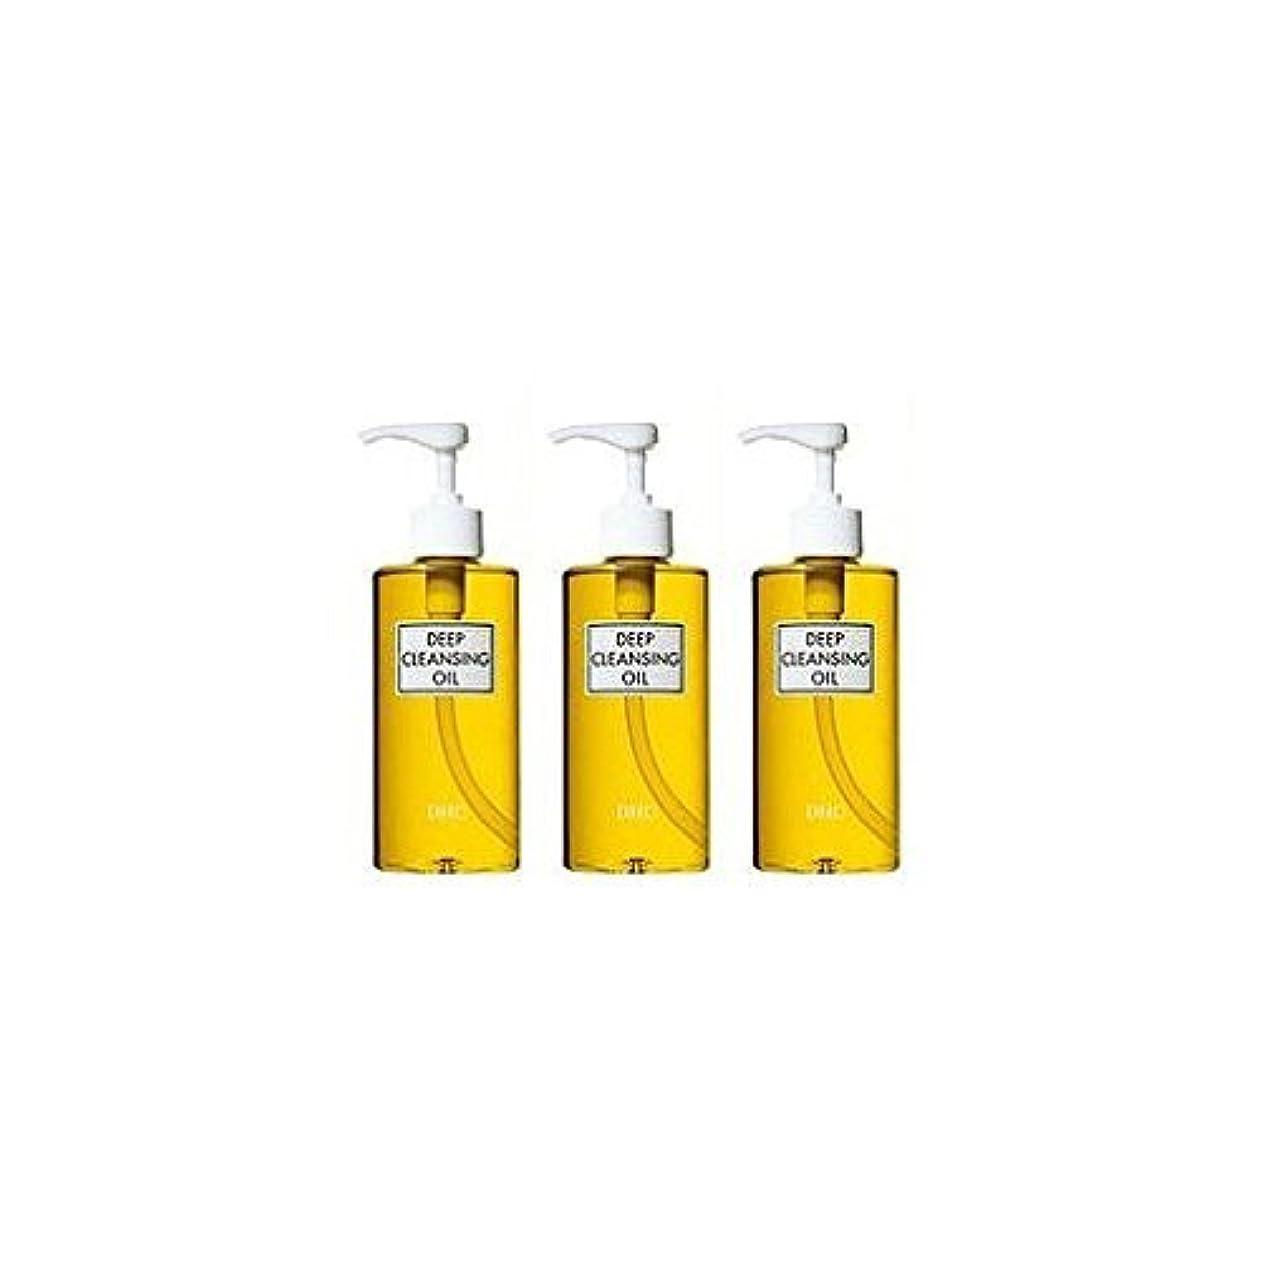 菊職業連合DHC薬用ディープクレンジングオイル(L)3本セット